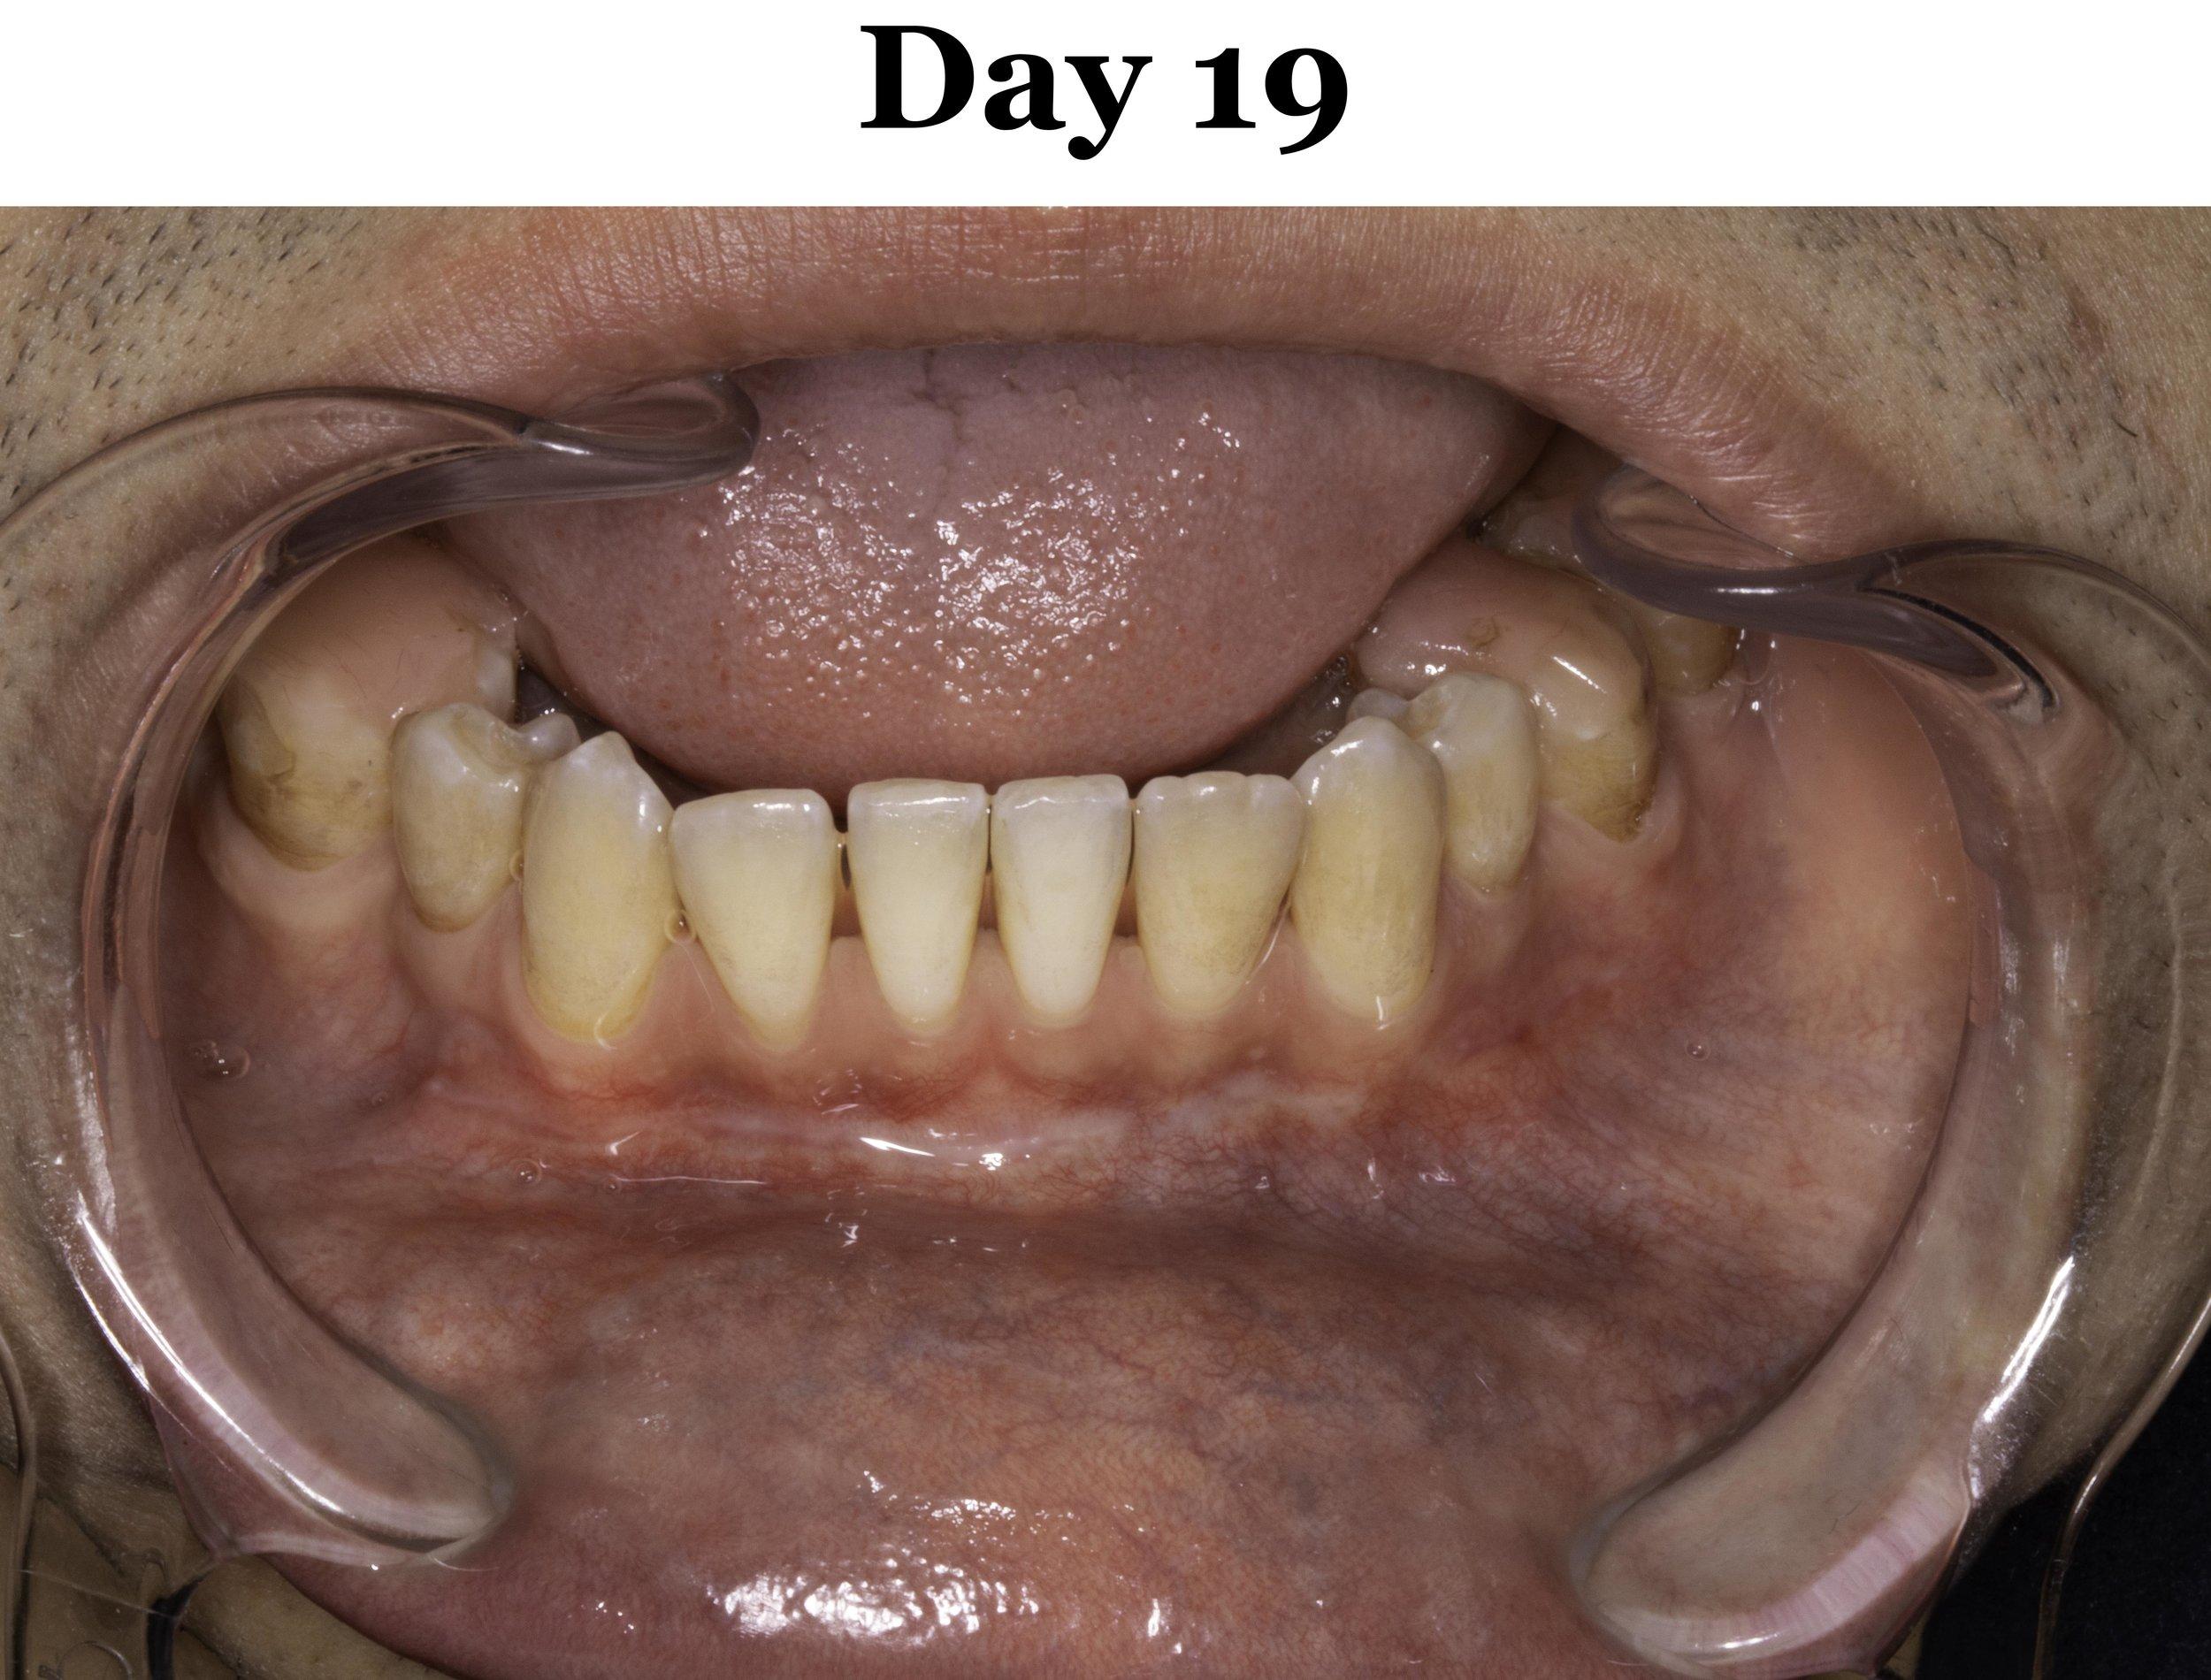 Lip Tie Release Day 19_Lower.jpg